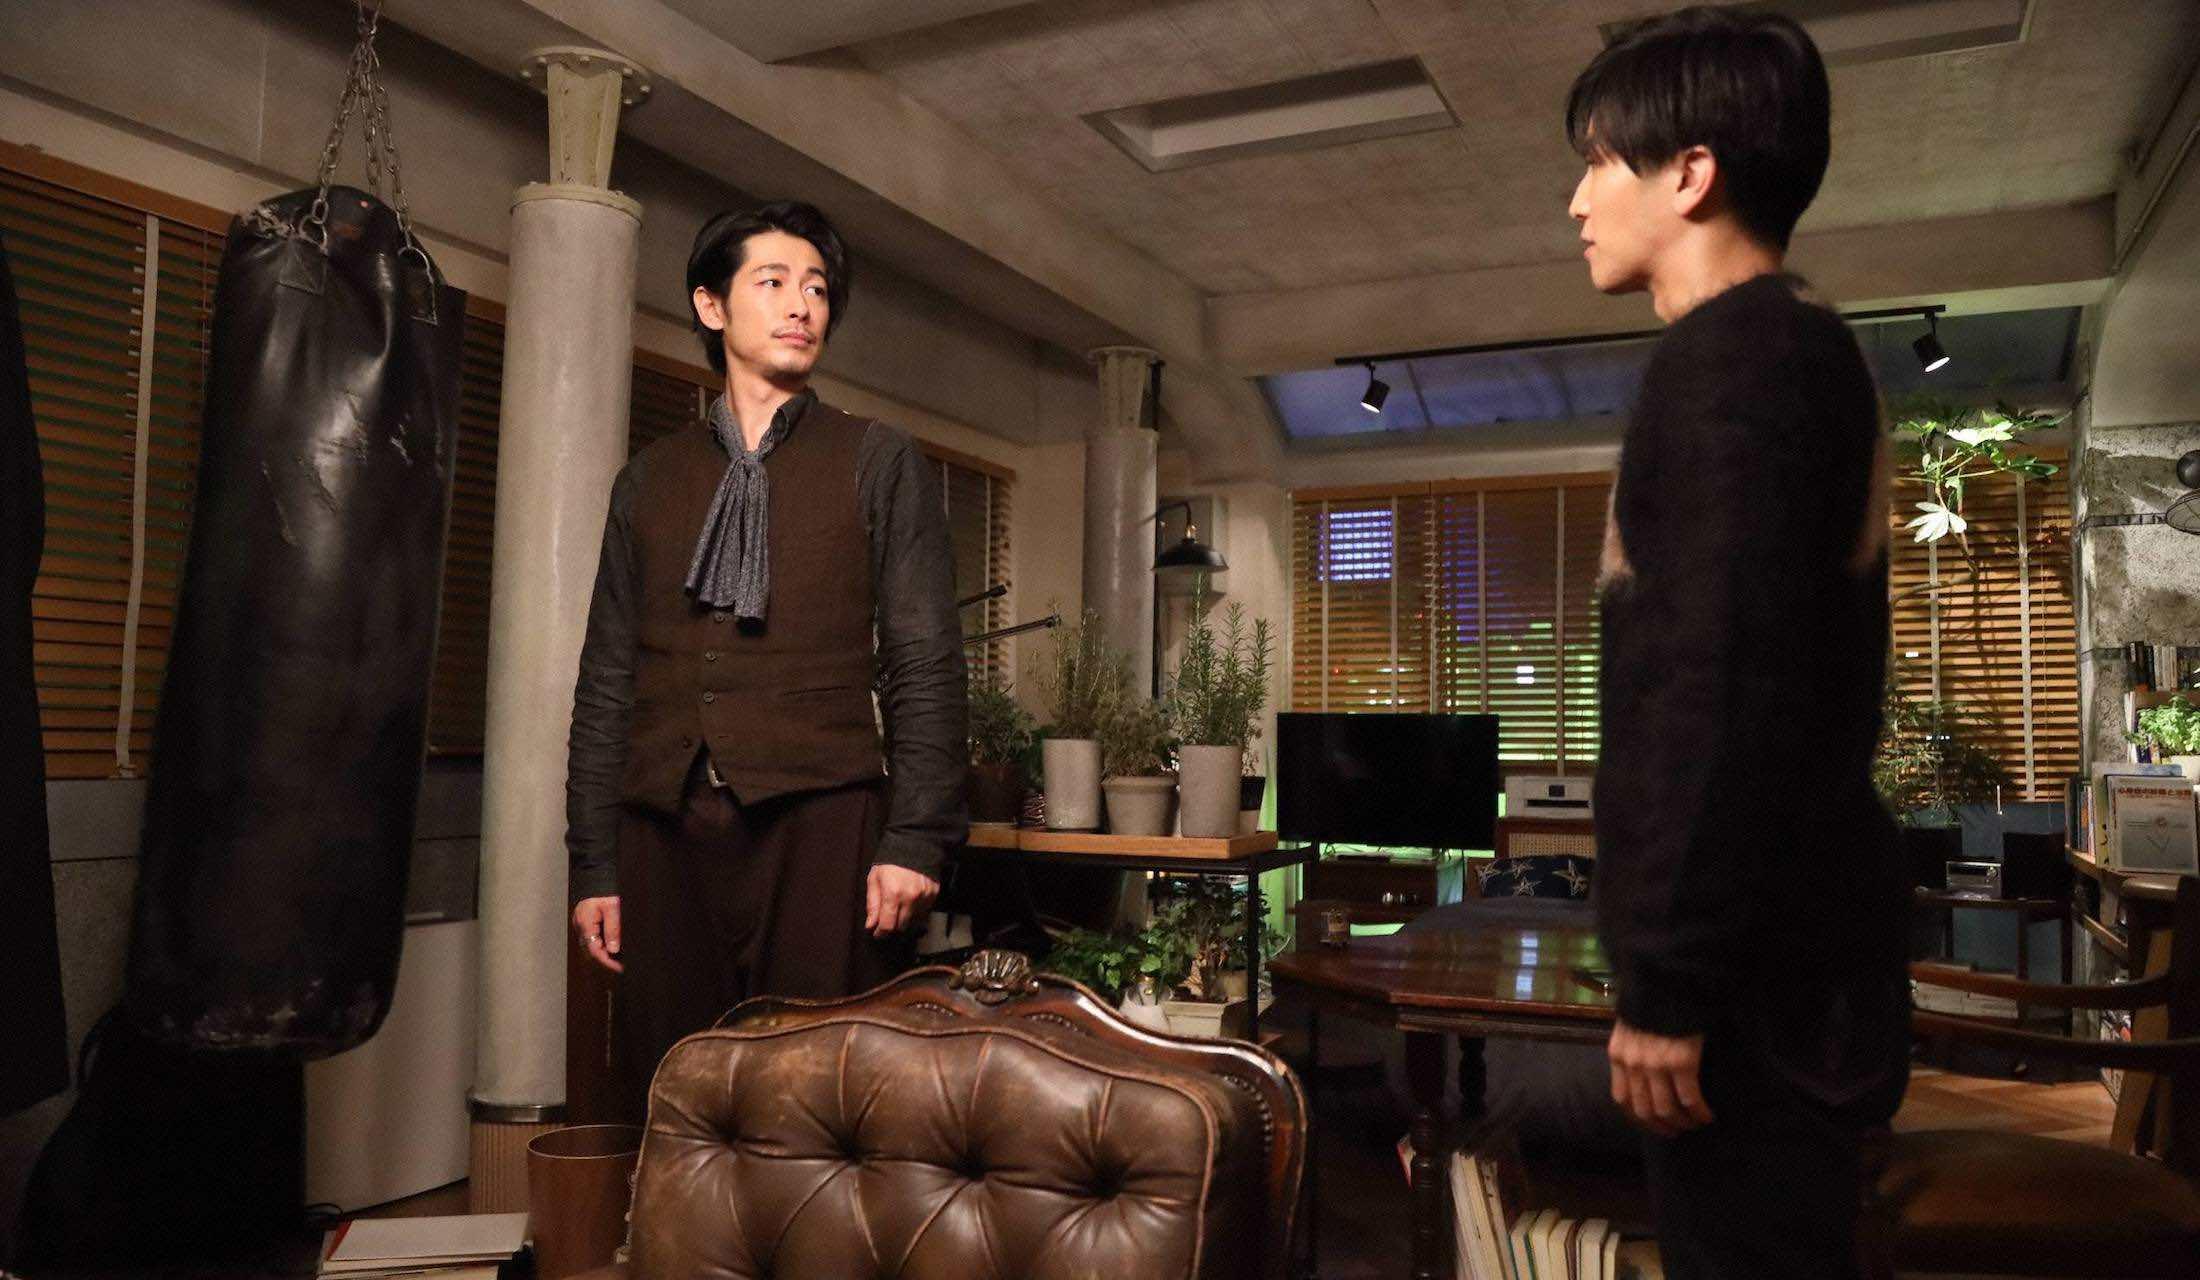 ディーン・フジオカさん&岩田剛典さんのスーツ姿はまさに眼福